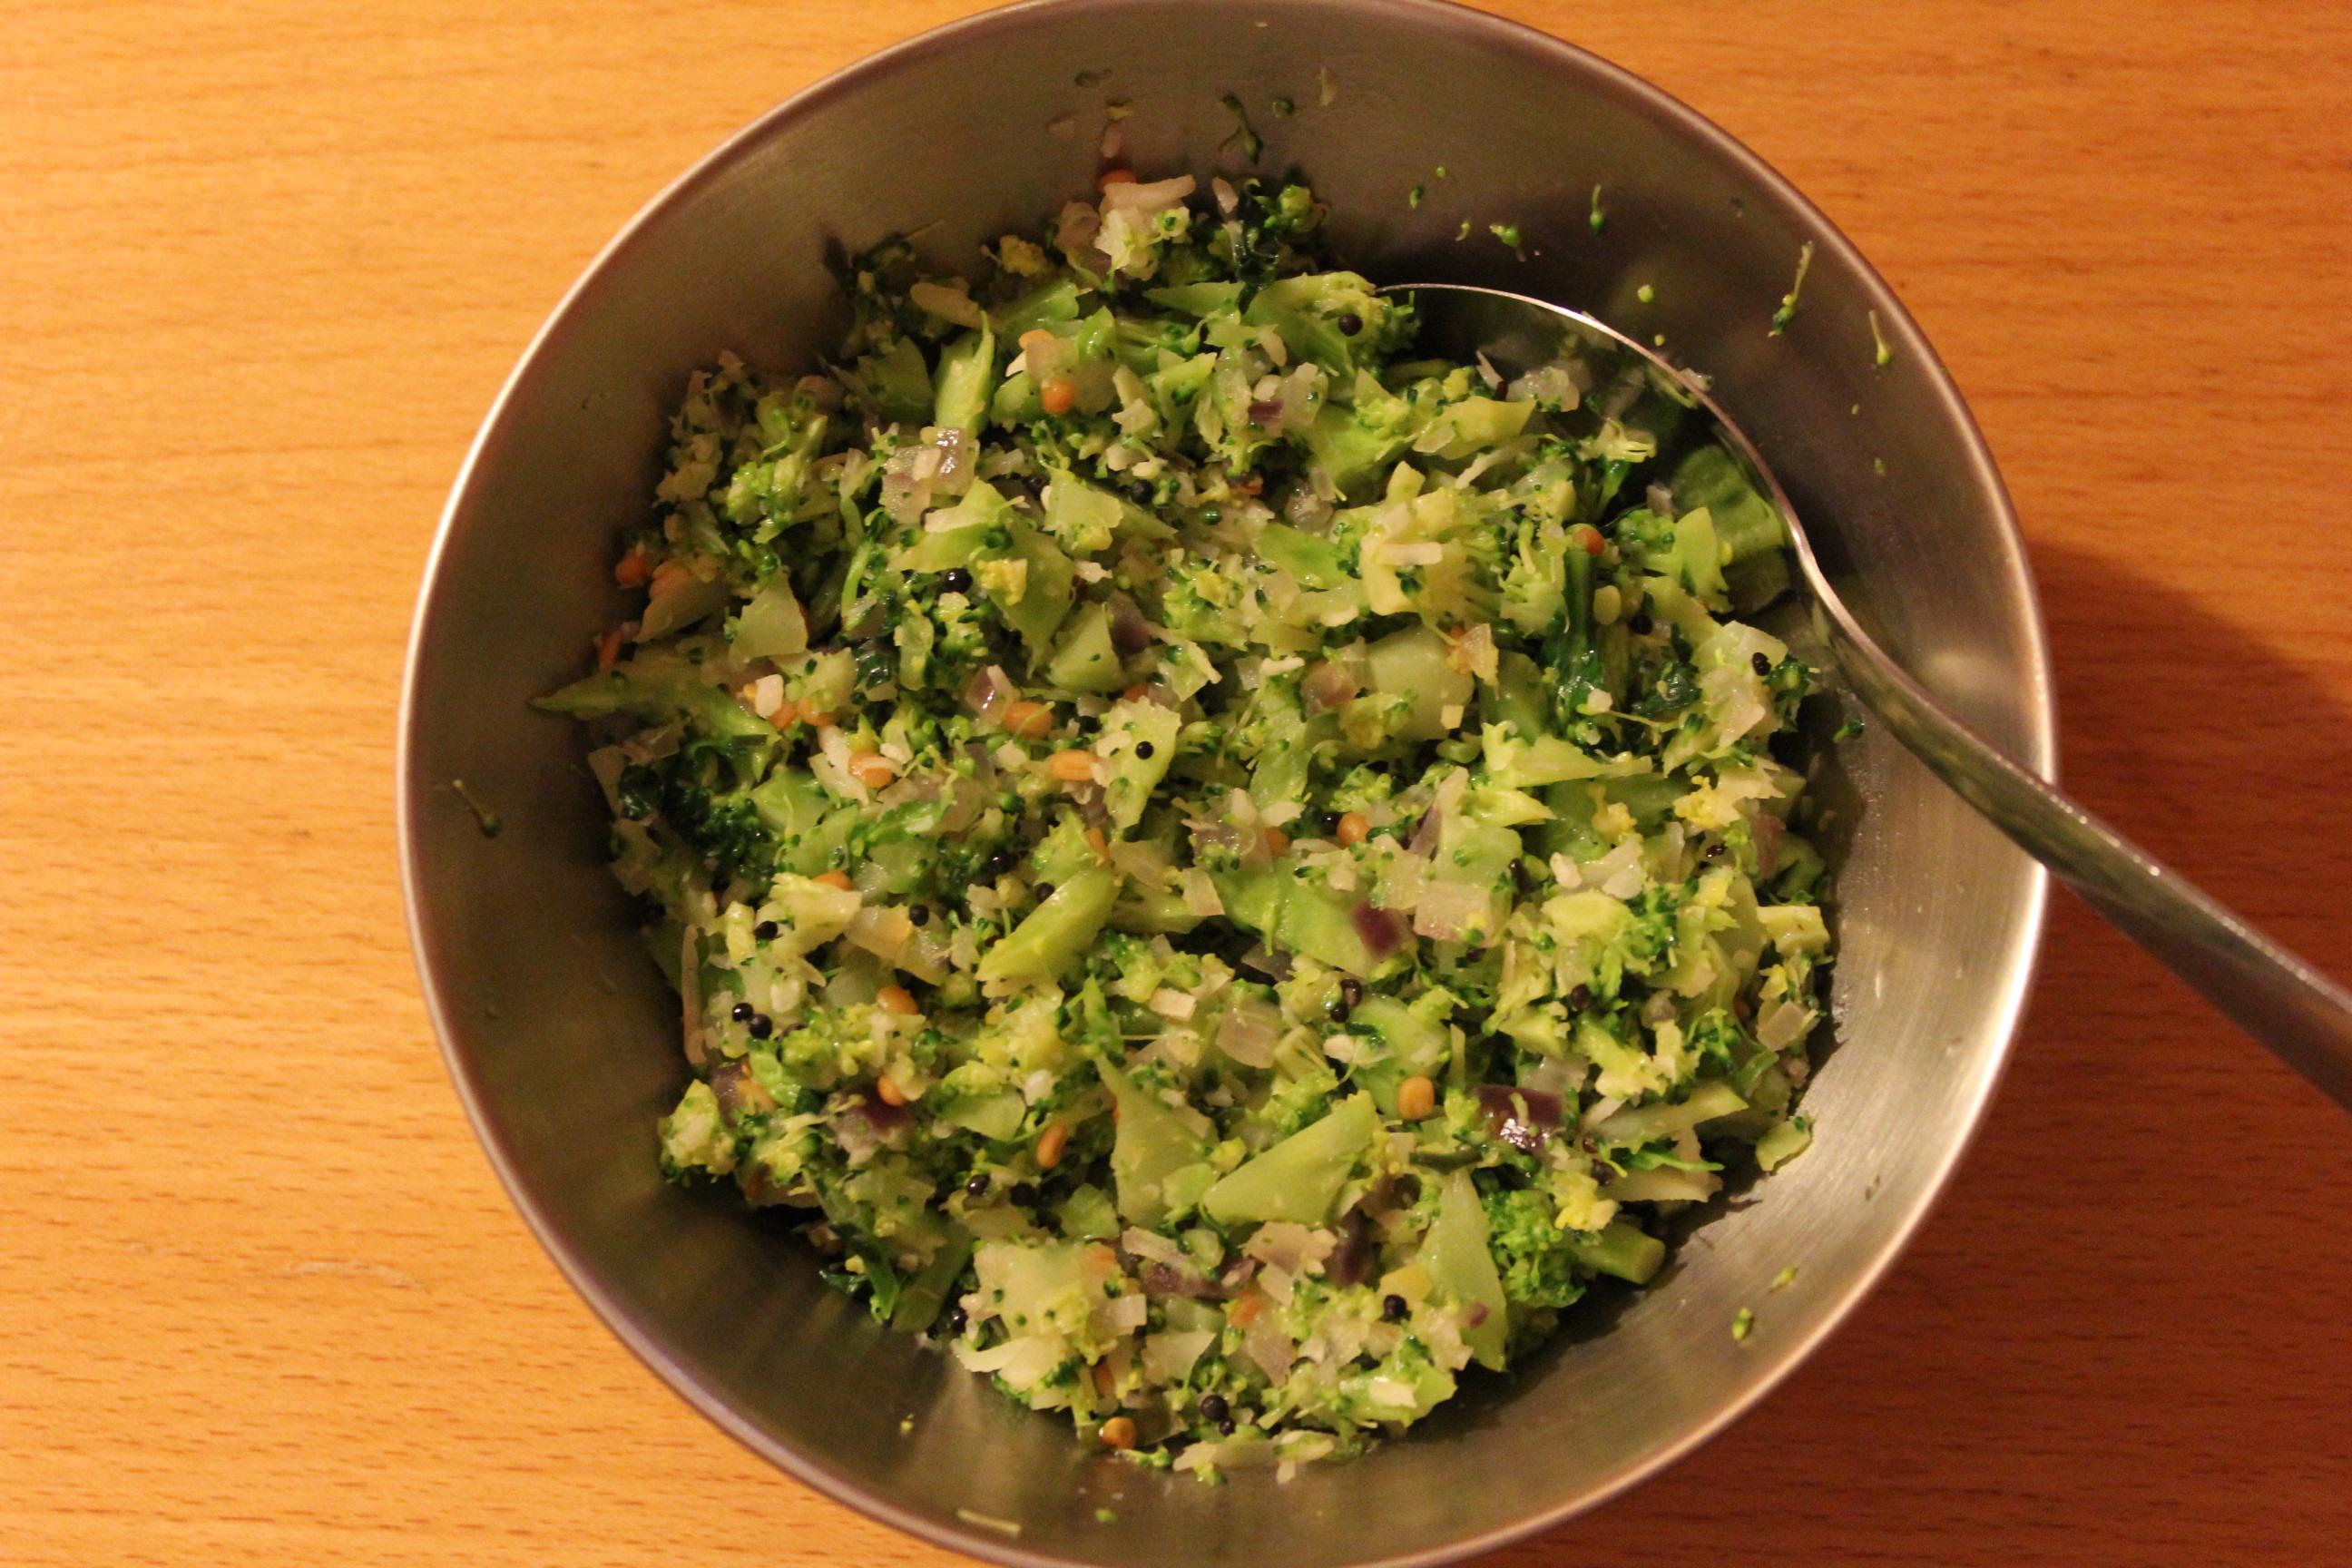 ブロッコリーのポリヤルのレシピ broccoli poriyal